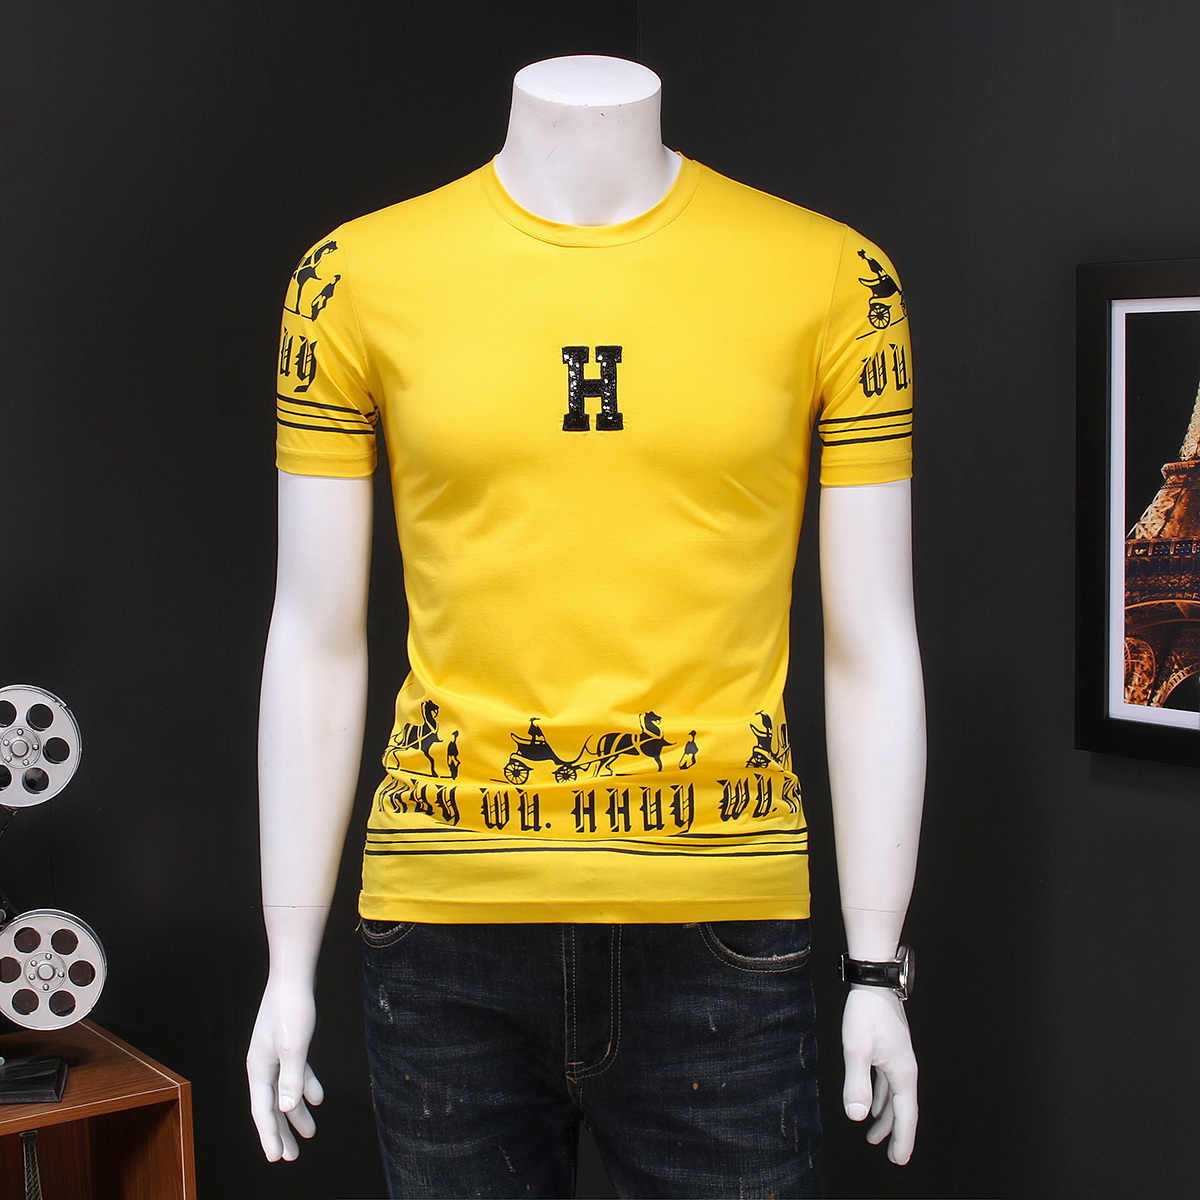 한국어 여름 T 셔츠 남성 슬림 맞는 인쇄 캐주얼 티 셔츠 옴므 2020 짧은 소매 남자 T-셔츠 Camisetas Hombre Tshirt For Men